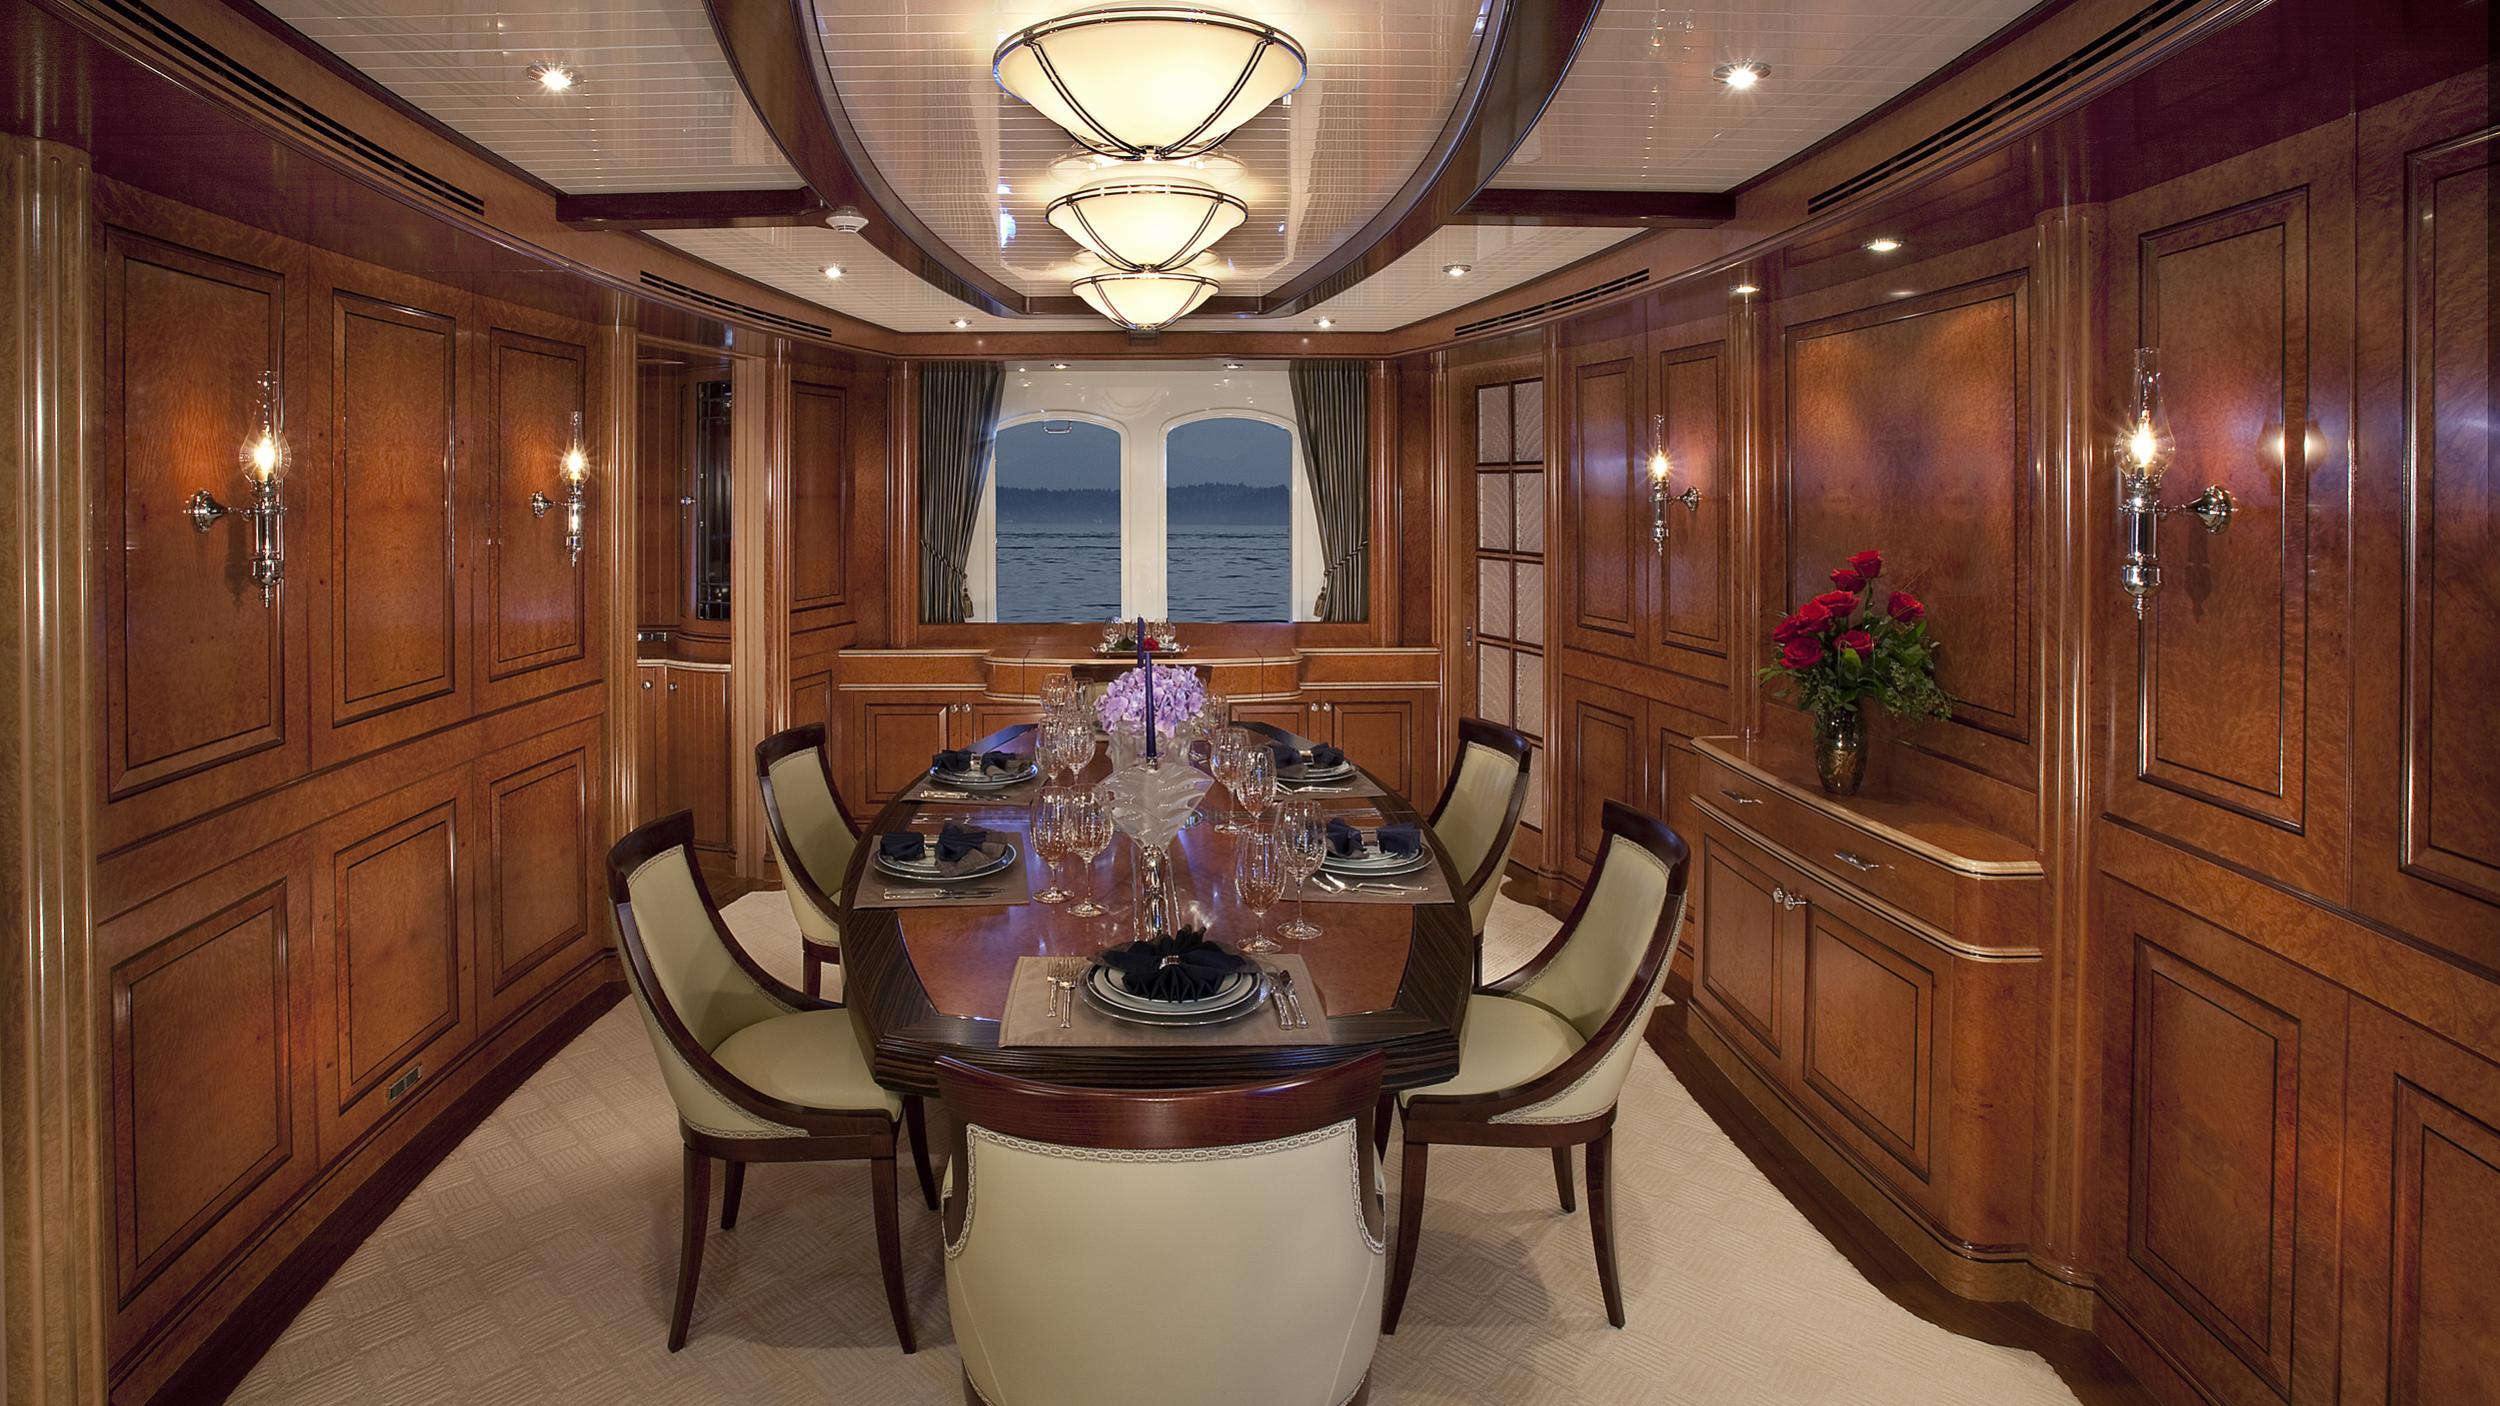 nadan sycara iv motoryacht burger boat 46m 2009 dining